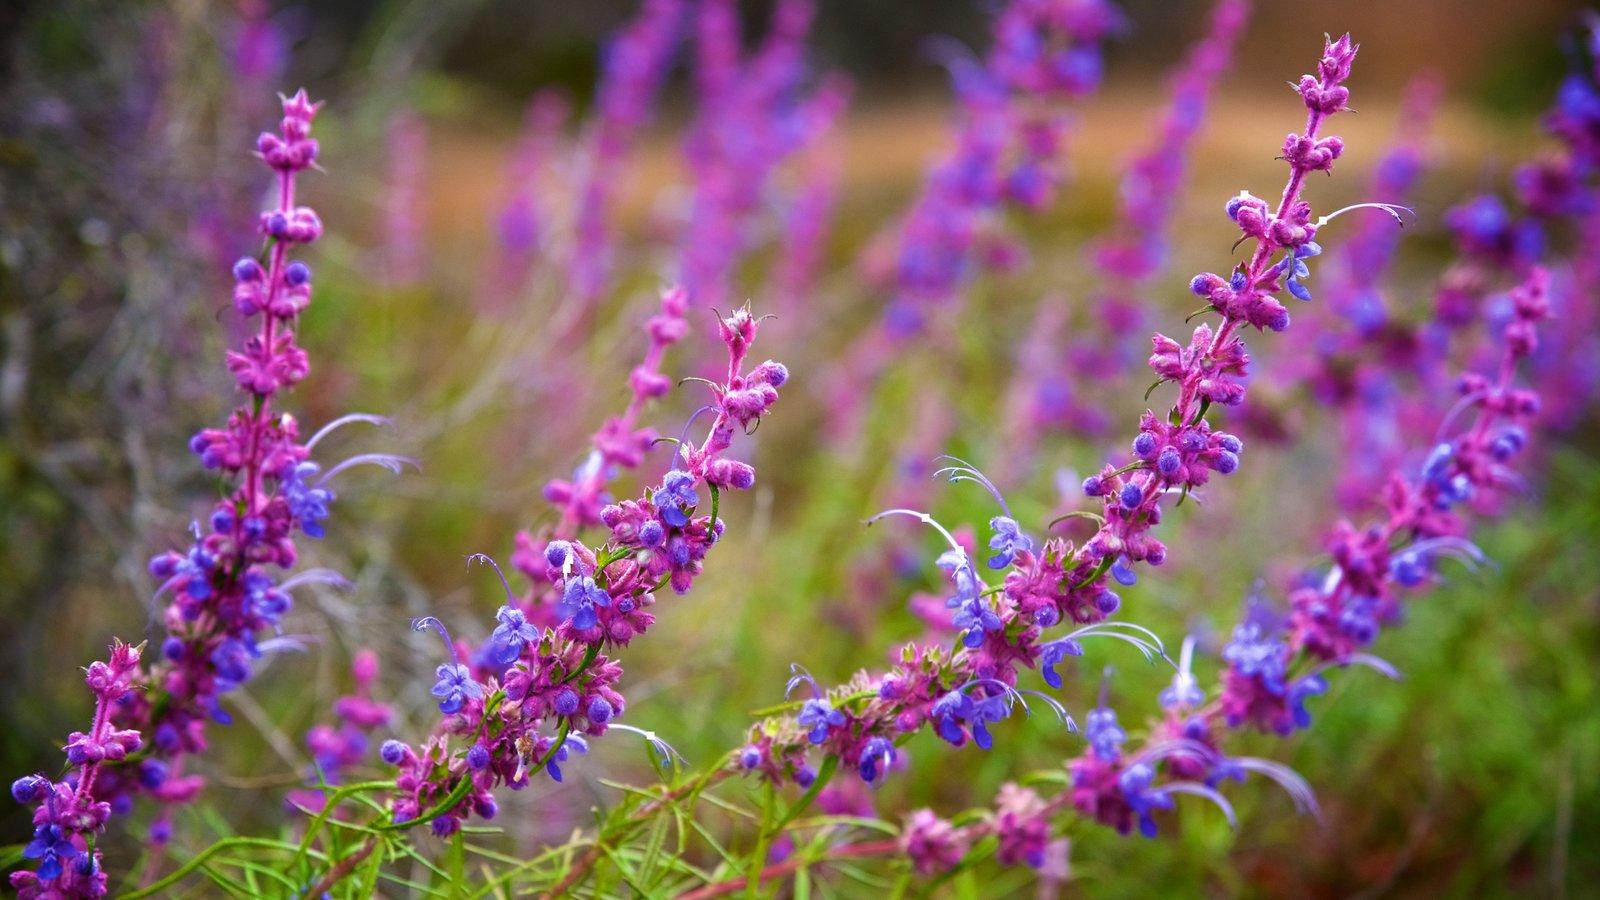 Pinnacles National Park caracterizando flores silvestres